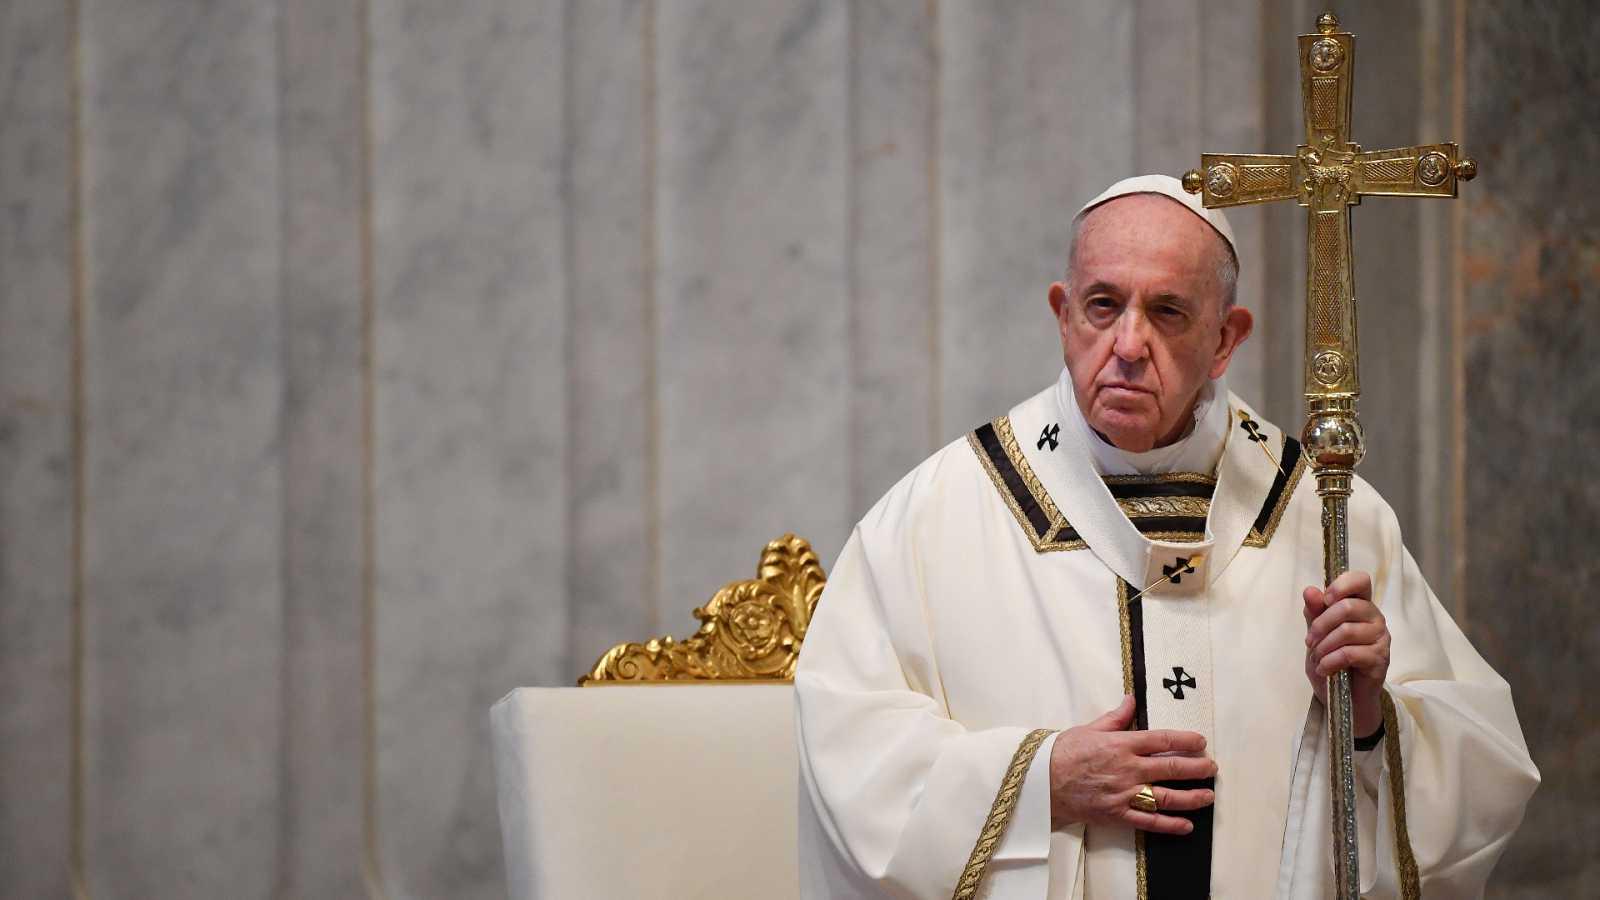 Semana Santa en RTVE - Domingo de Resurrección y Bendición Urbi et Orbi. Desde Roma - ver ahora